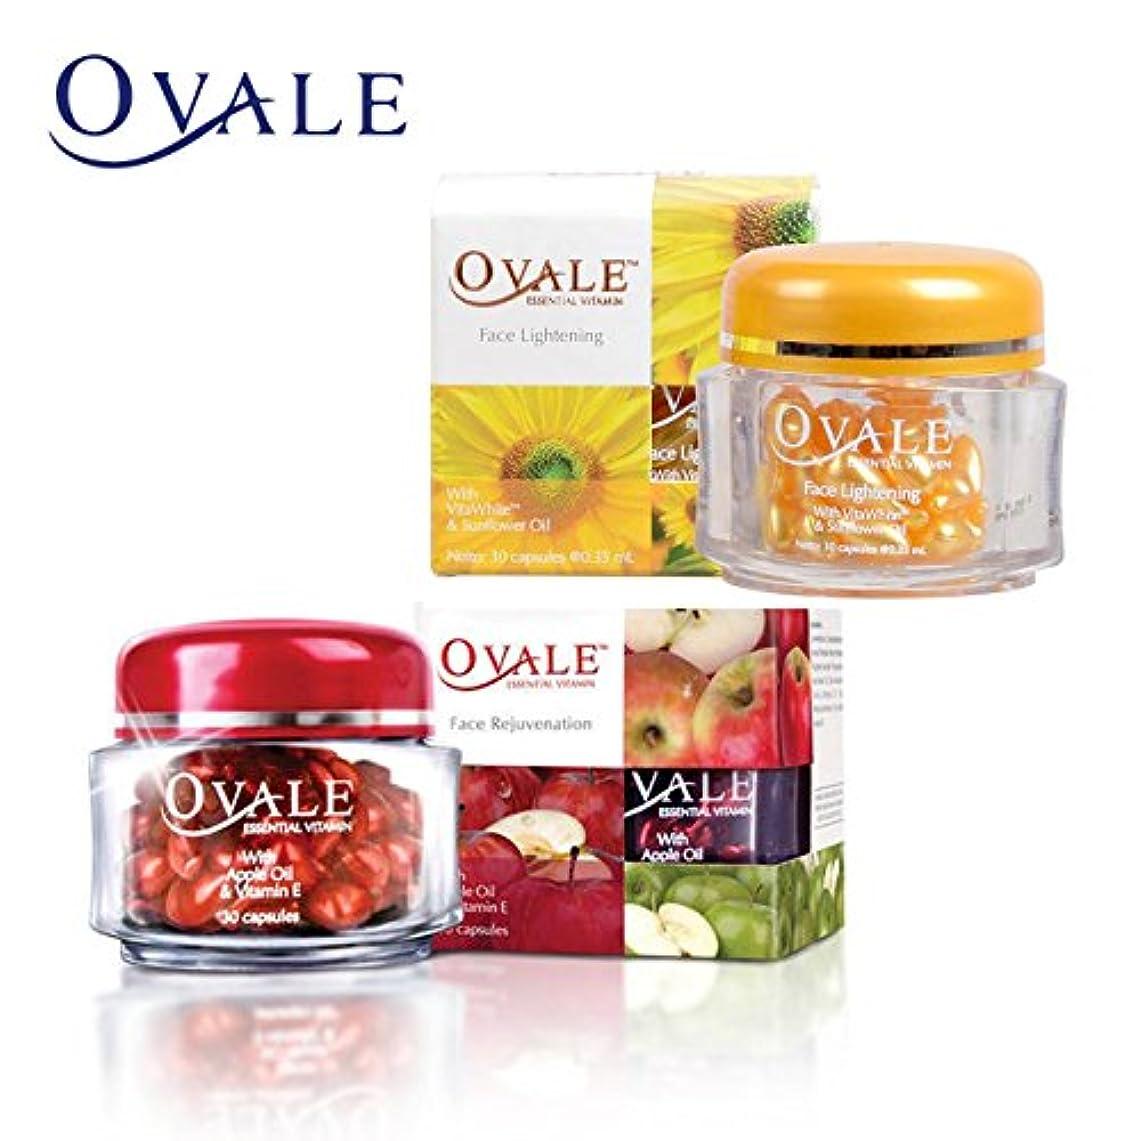 のため刺激するホステスOvale オーバル フェイシャル美容液 essential vitamin エッセンシャルビタミン 30粒入ボトル×5個 アップル [海外直送品]